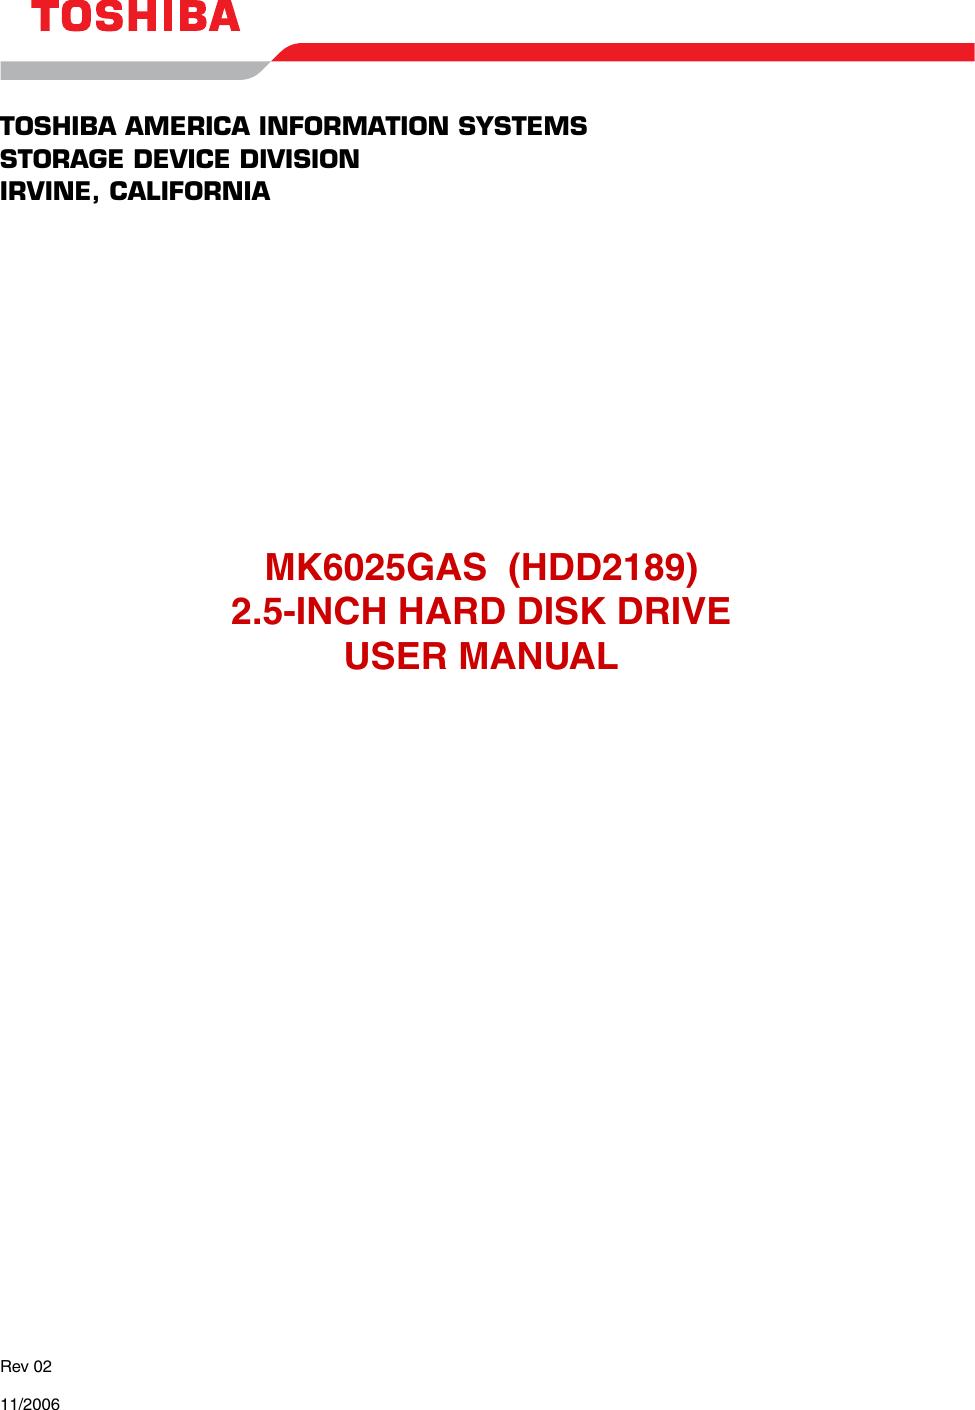 Toshiba Hdd2189 Users Manual May 10, 2000